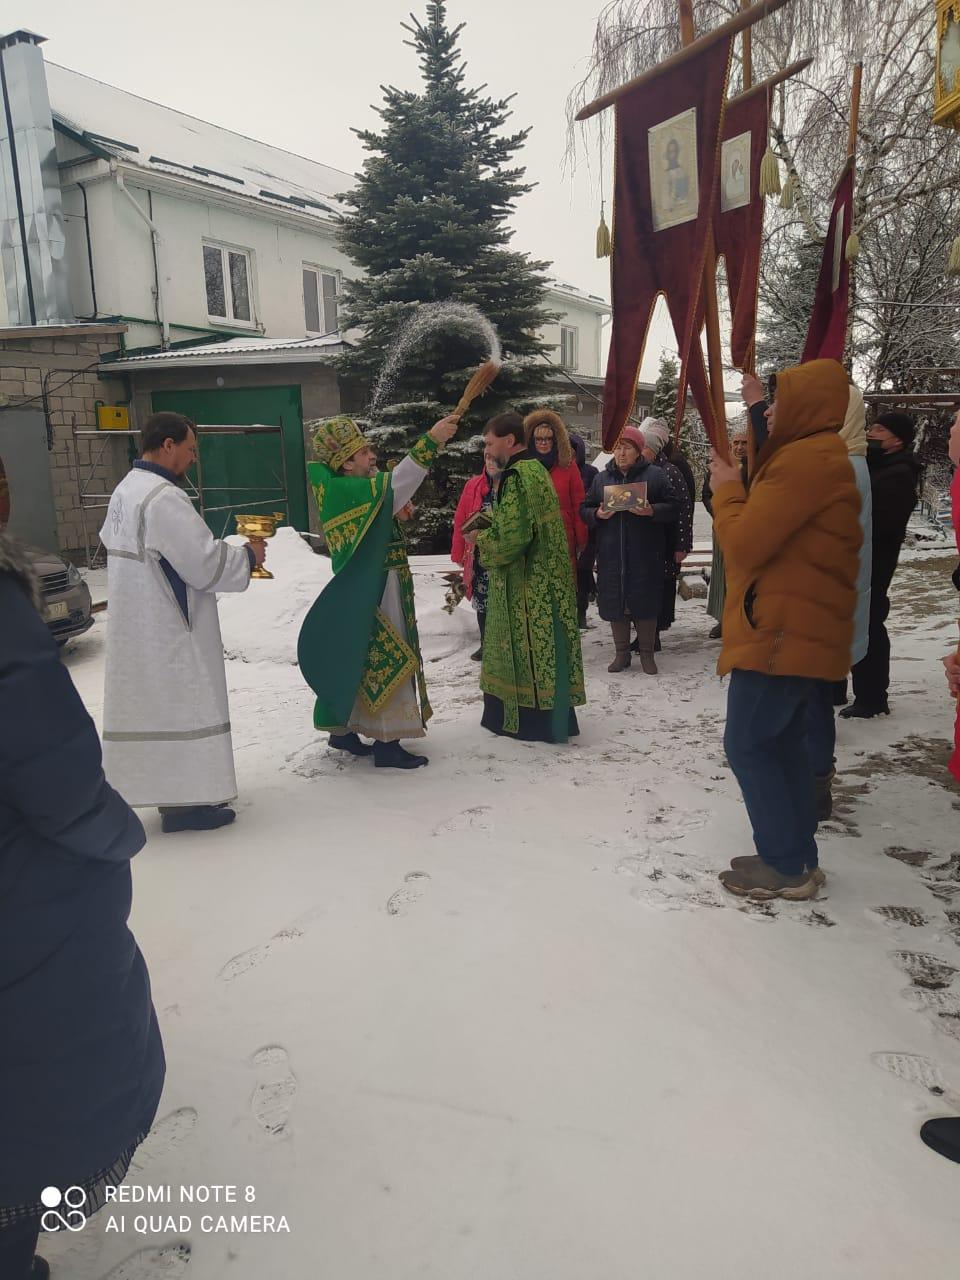 В Свято-Троицком монастыре села Совхозное совершили славление преподобному Серафиму Саровскому